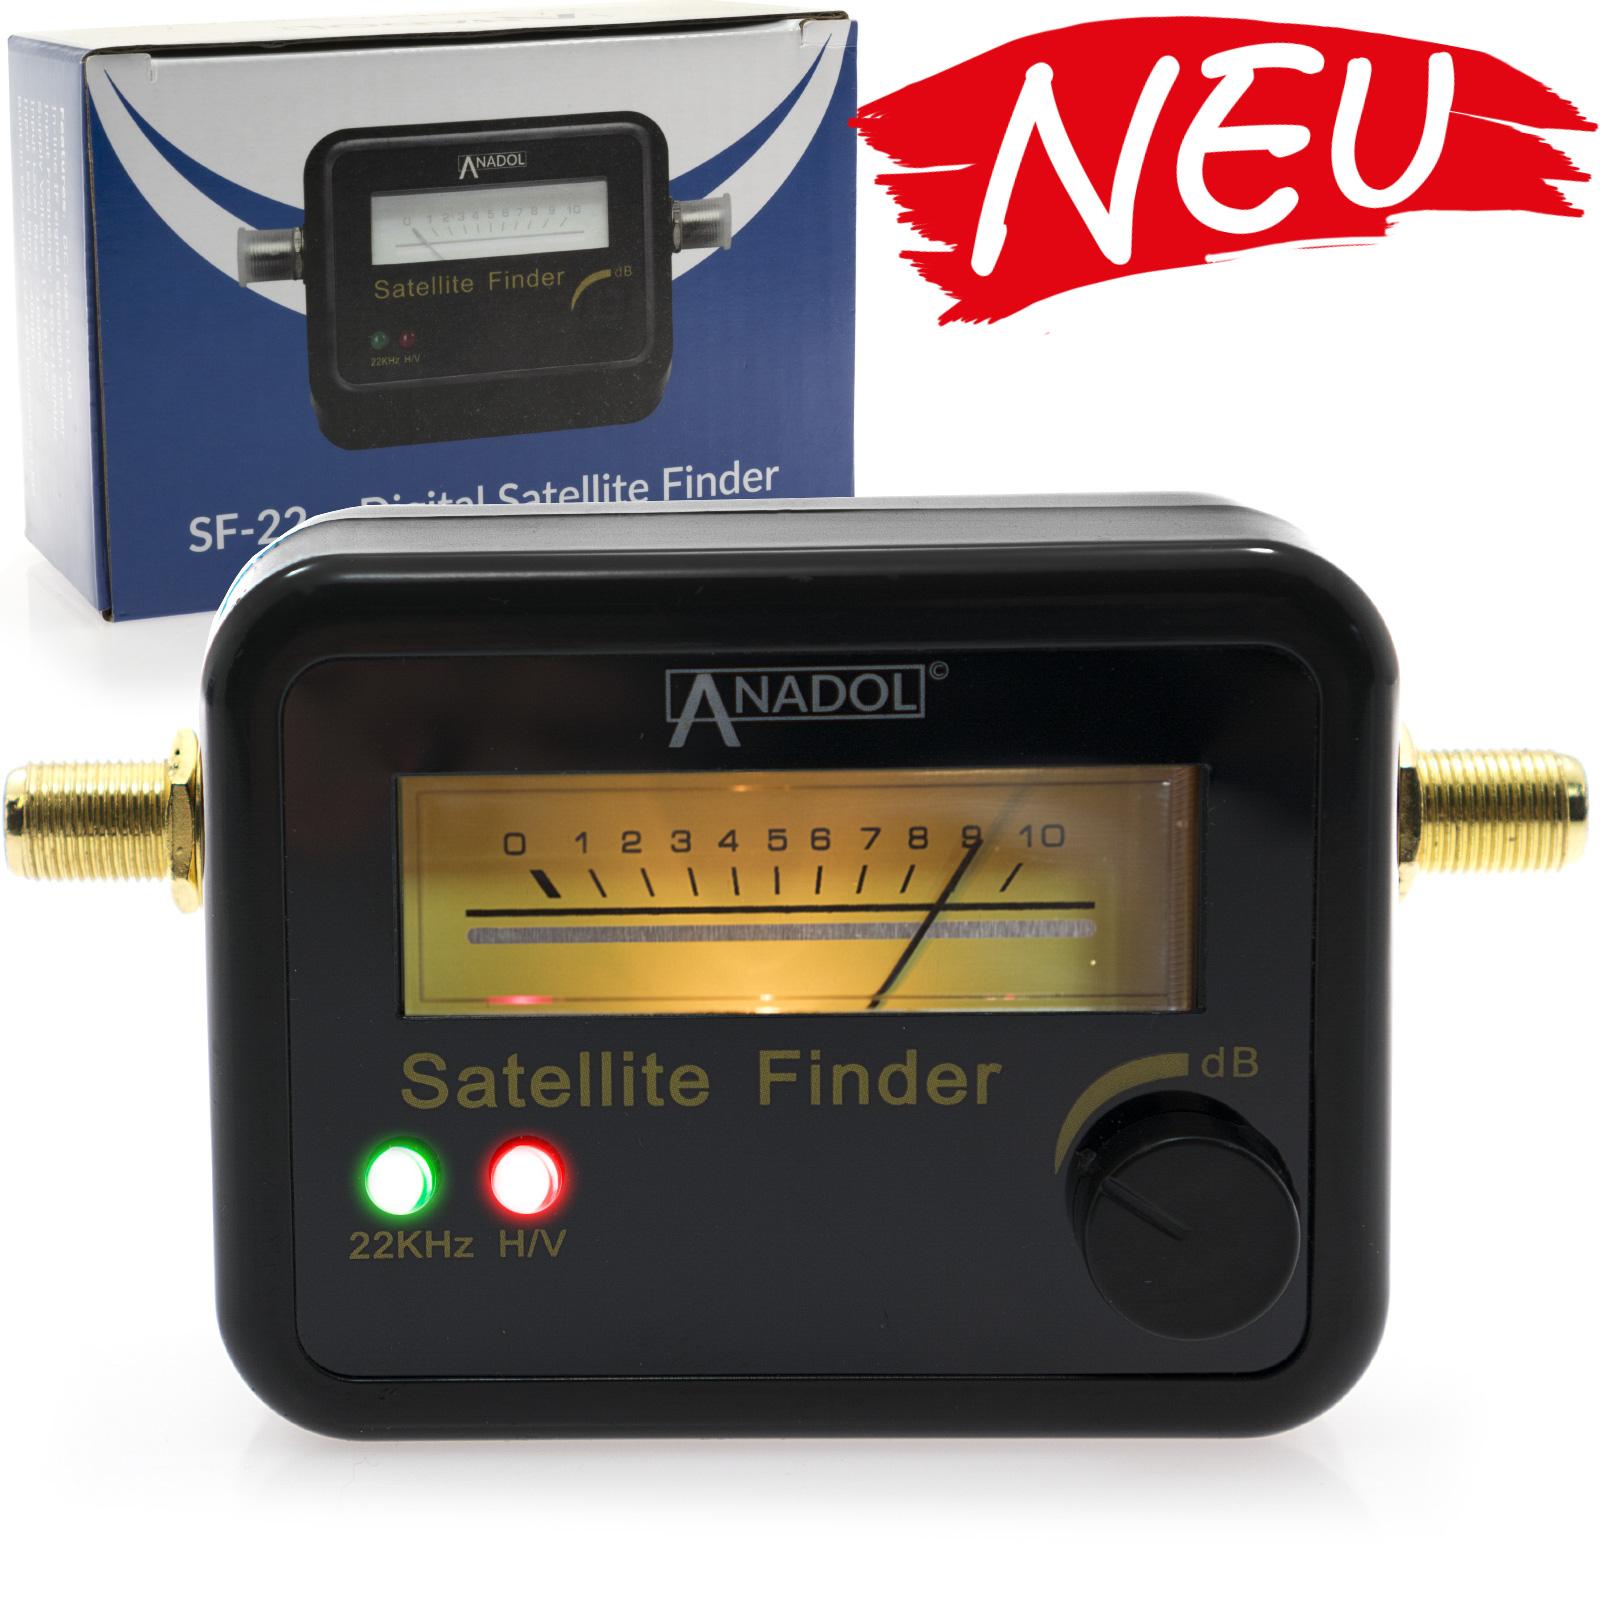 Anadol SF33 SATFINDER schwarz